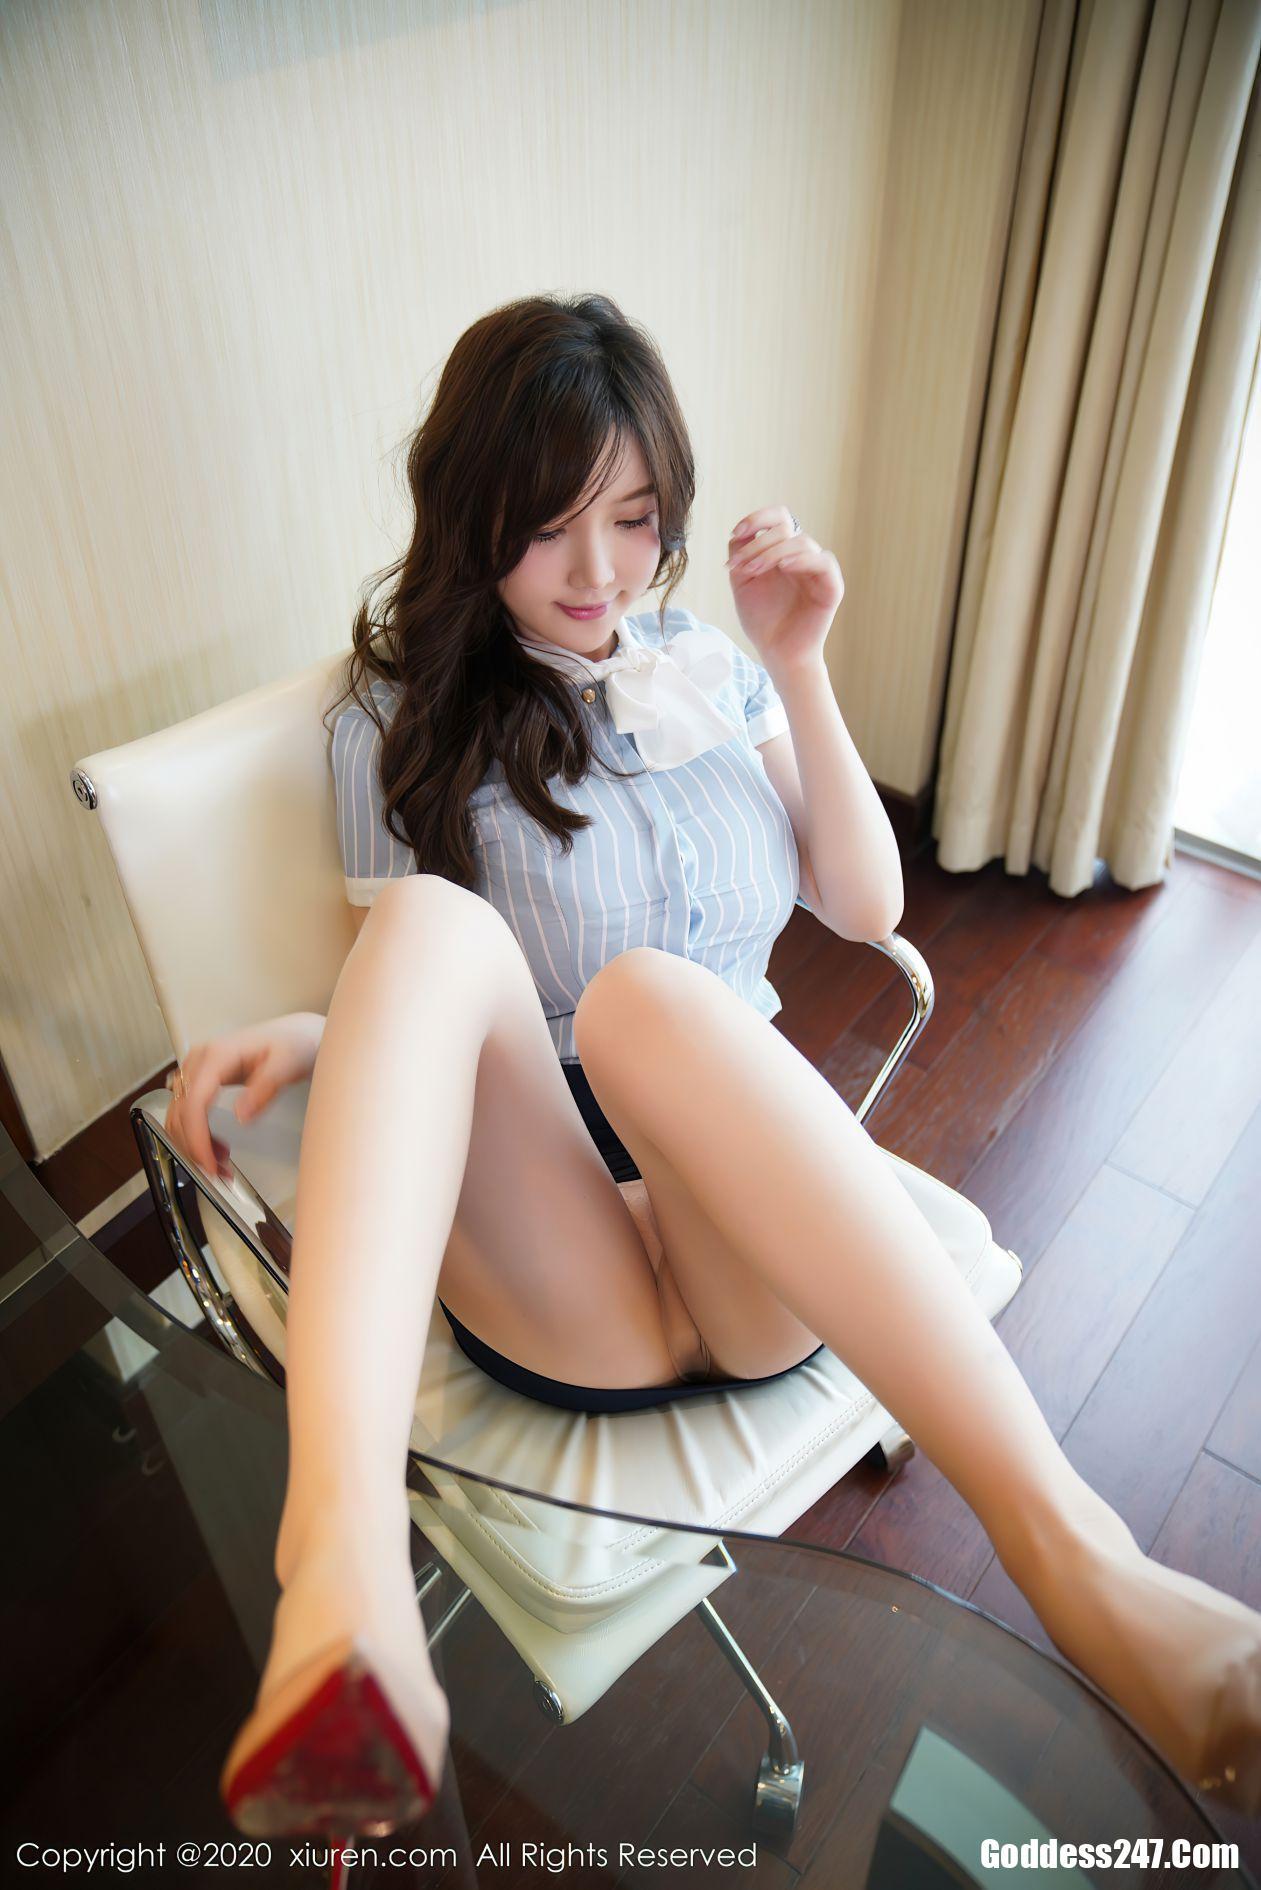 糯美子Mini, XiuRen秀人网 Vol.2521 糯美子Mini, XiuRen秀人网 Vol.2521